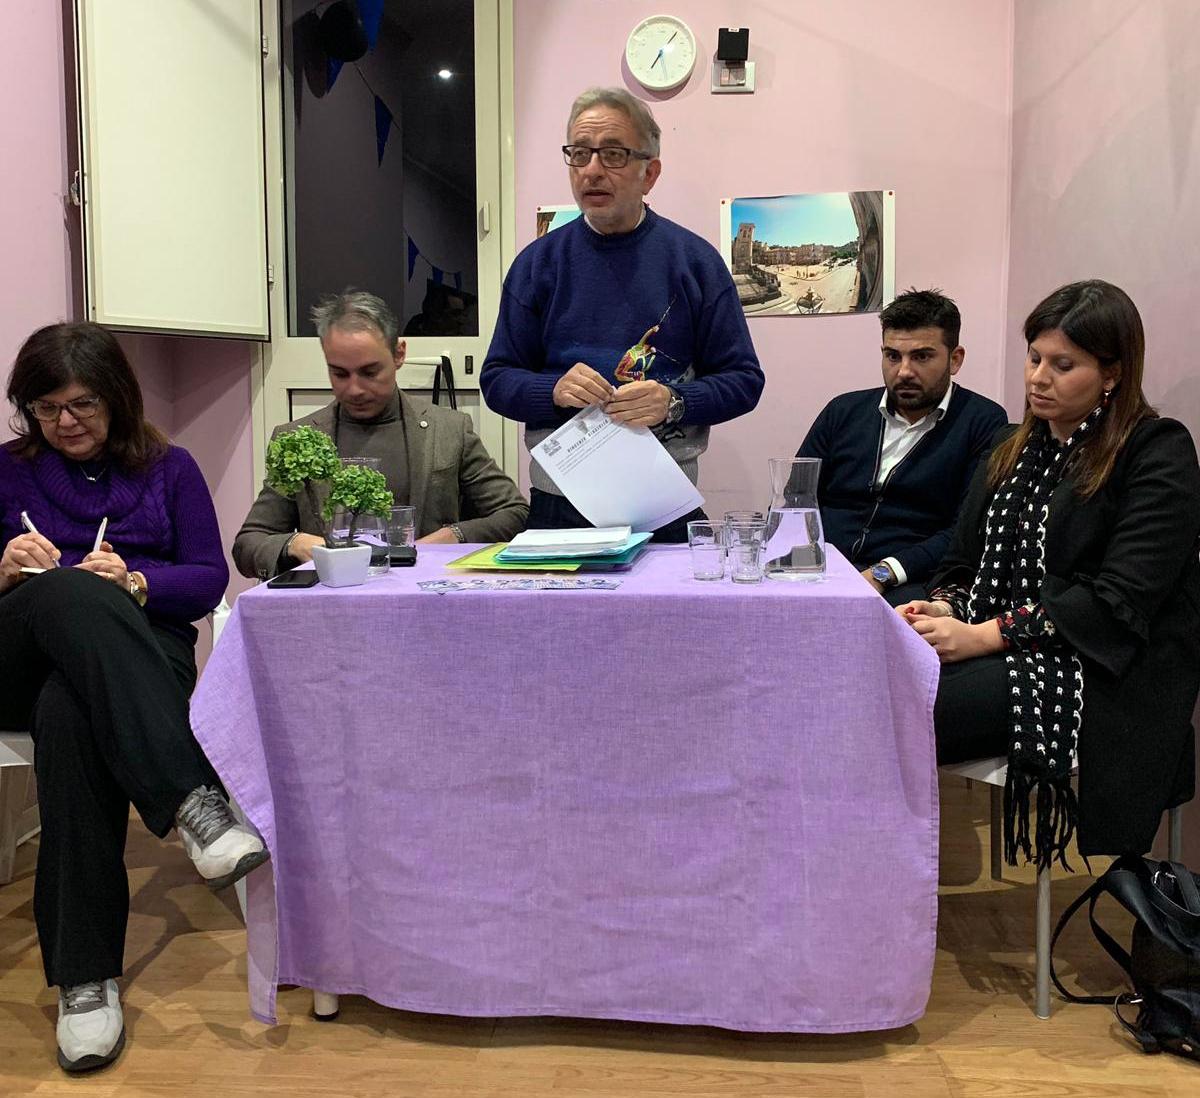 Lentini, L'ospedale di Lentini rischia in declassamento, la denuncia dell'ex parlamentare regionale Vincenzo Vinciullo. Un comitato civico a difesa della Sanità